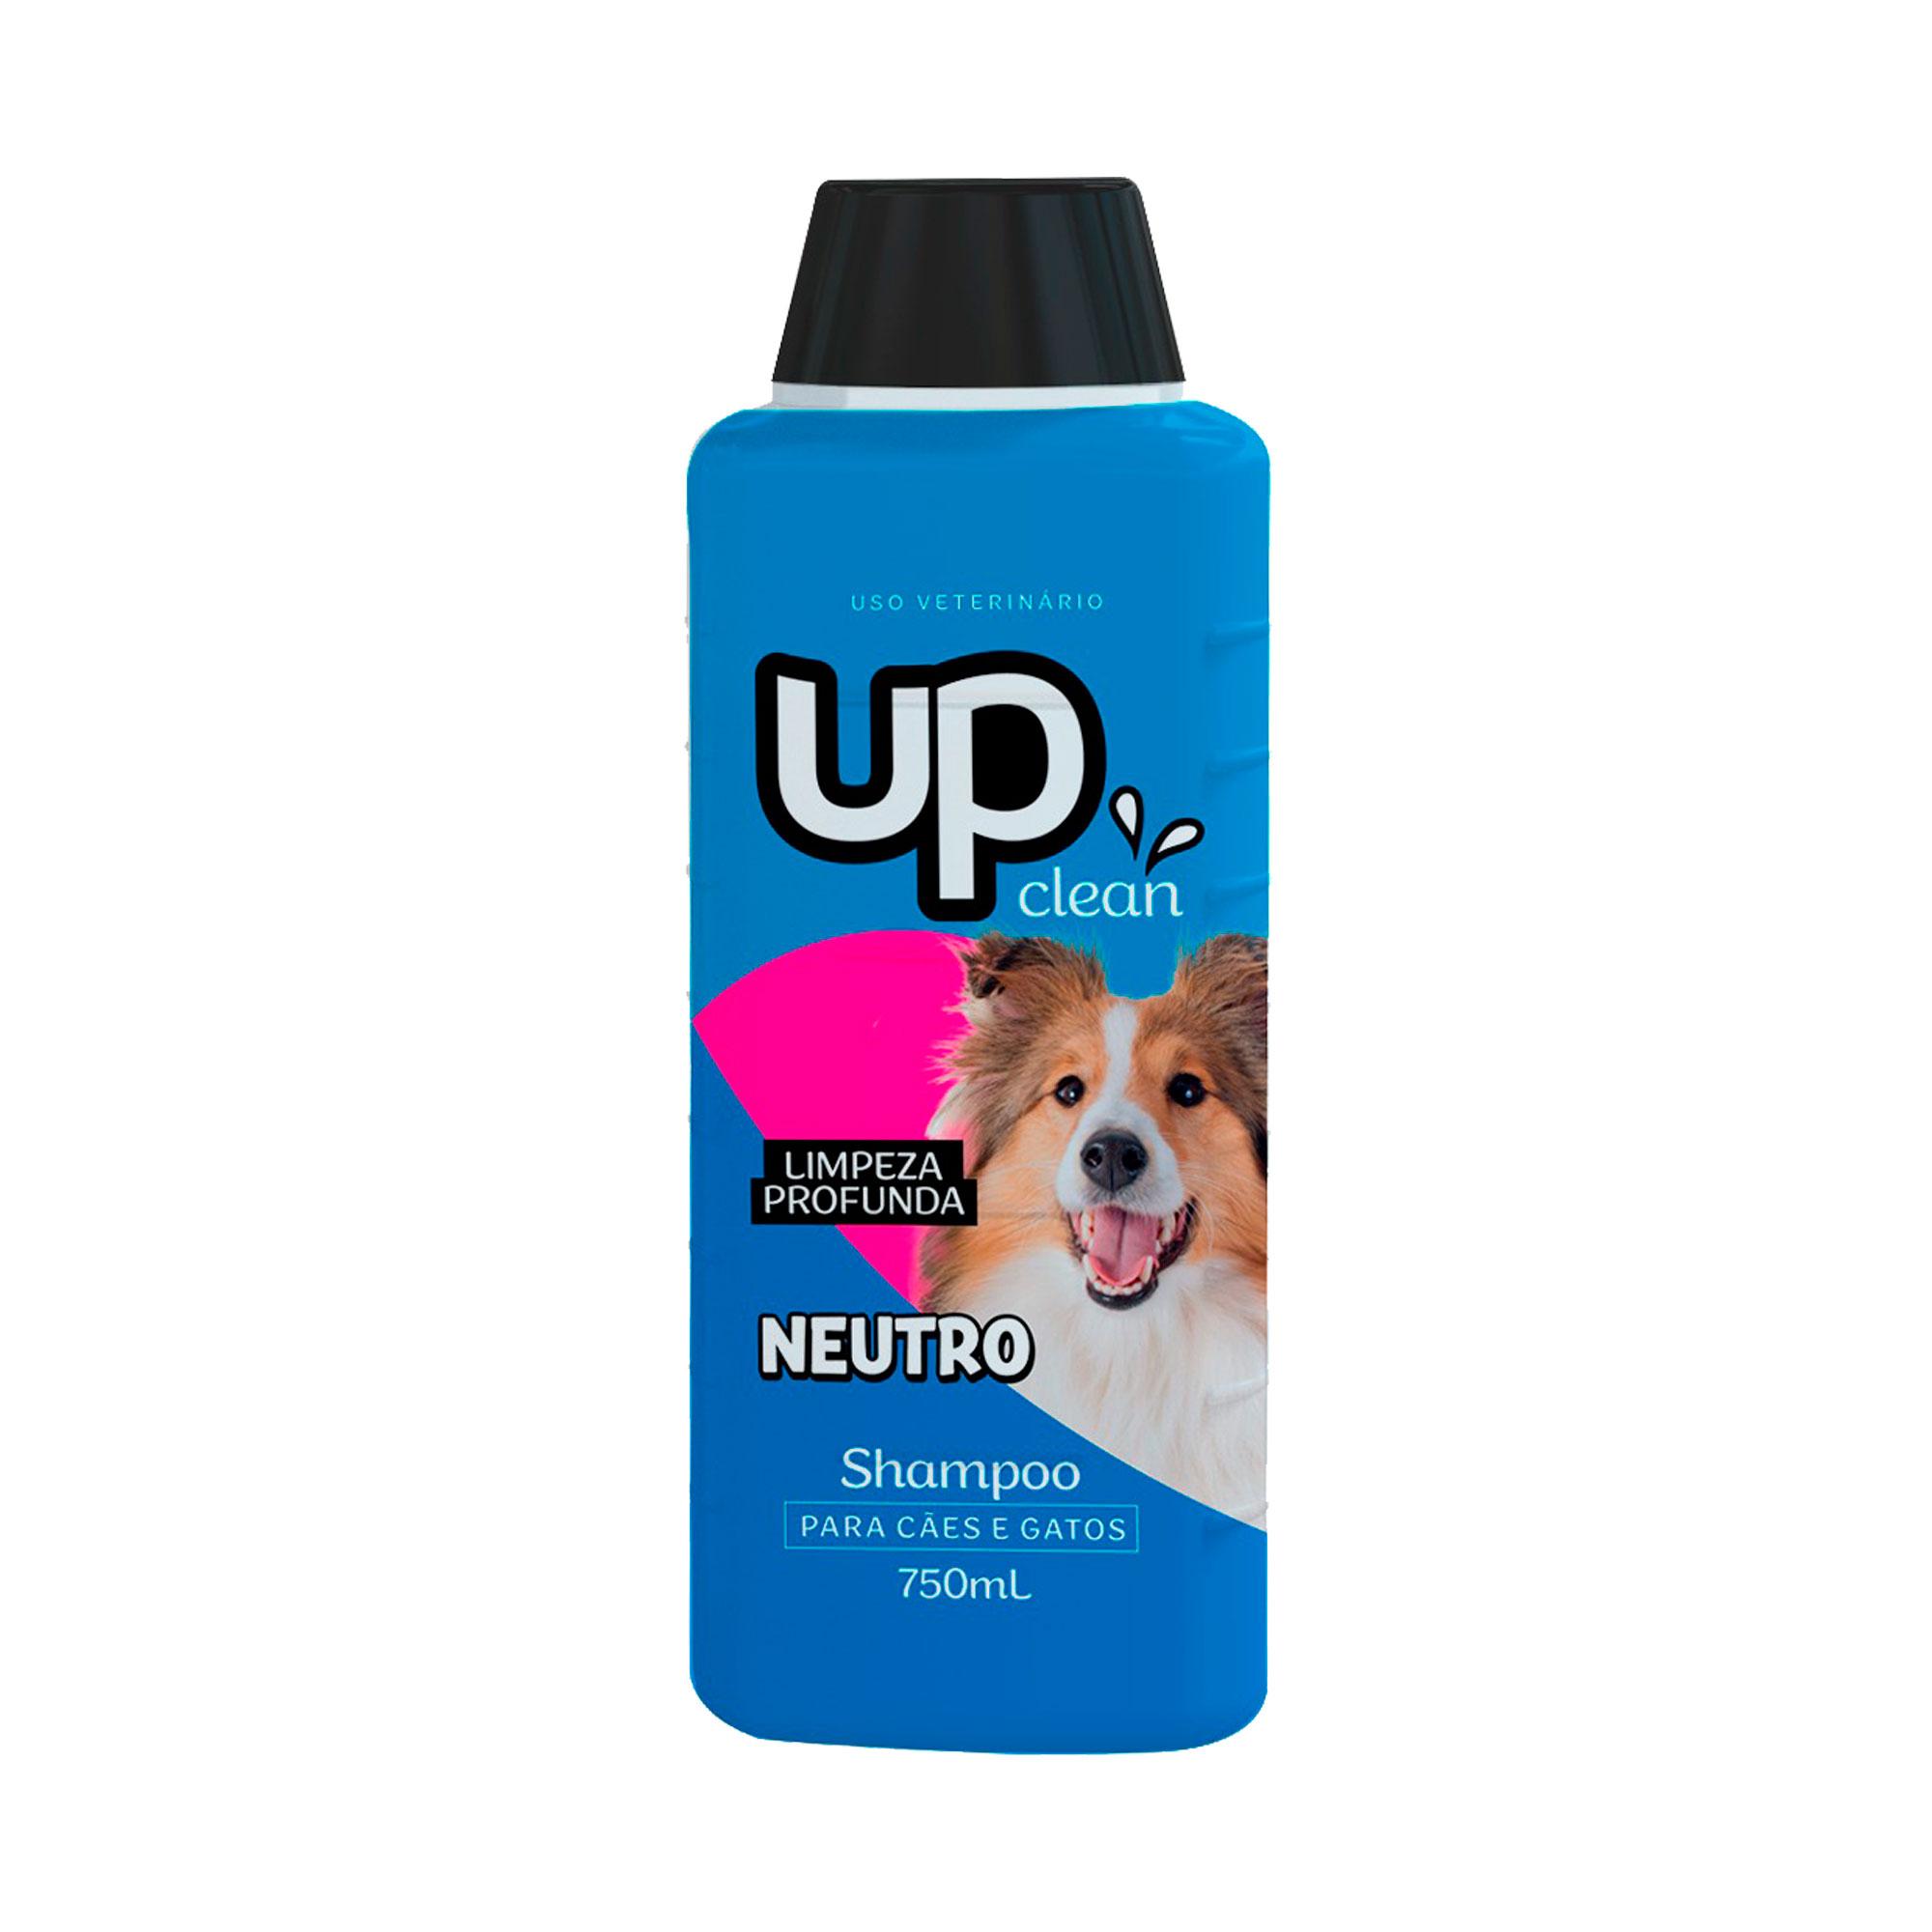 Shampoo Neutro 750ml Up Clean